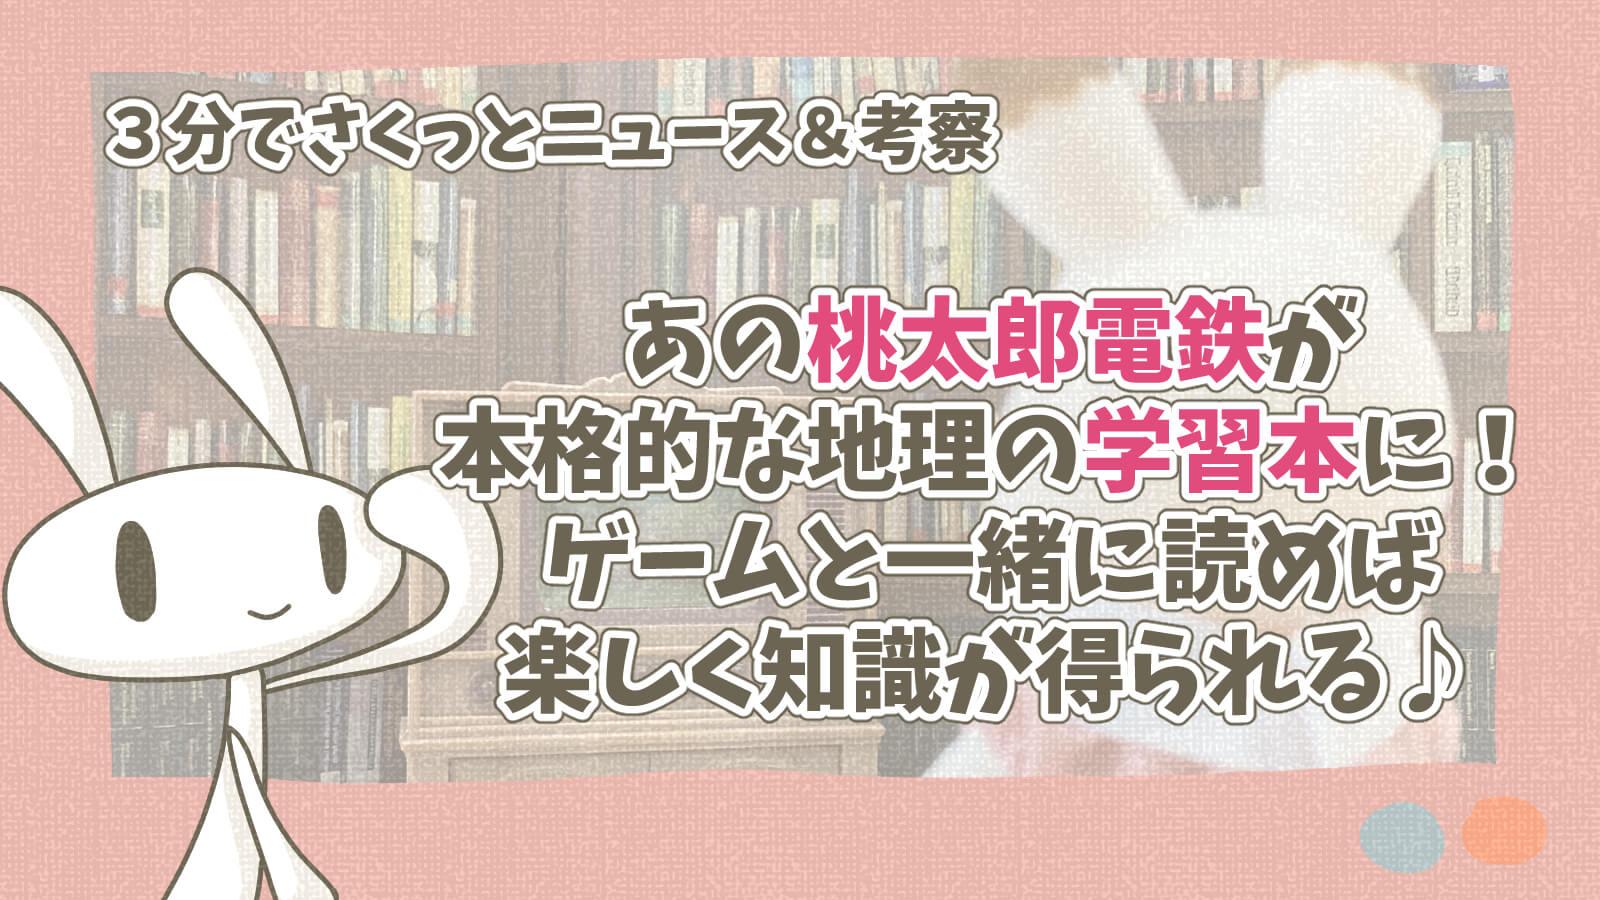 桃鉄で地理を学ぶ桃太郎電鉄でわかる都道府県大図鑑